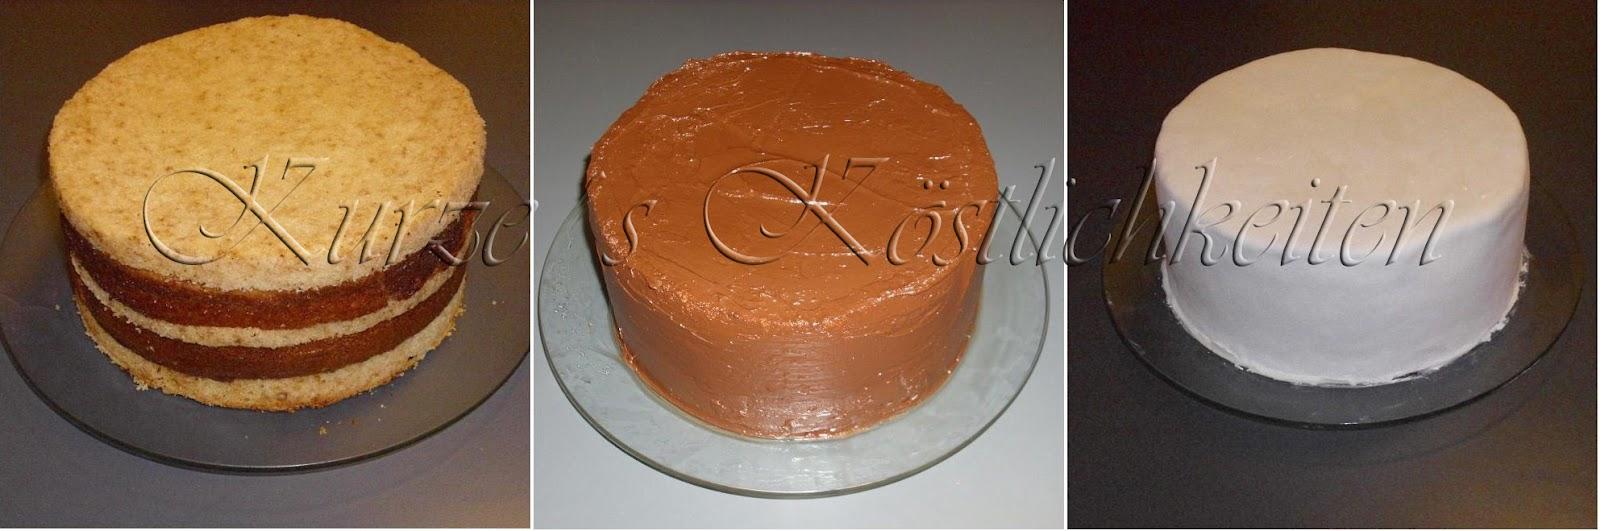 Kurze´s Köstlichkeiten: erste zweistöckige Torte zum 70. Geburtstag